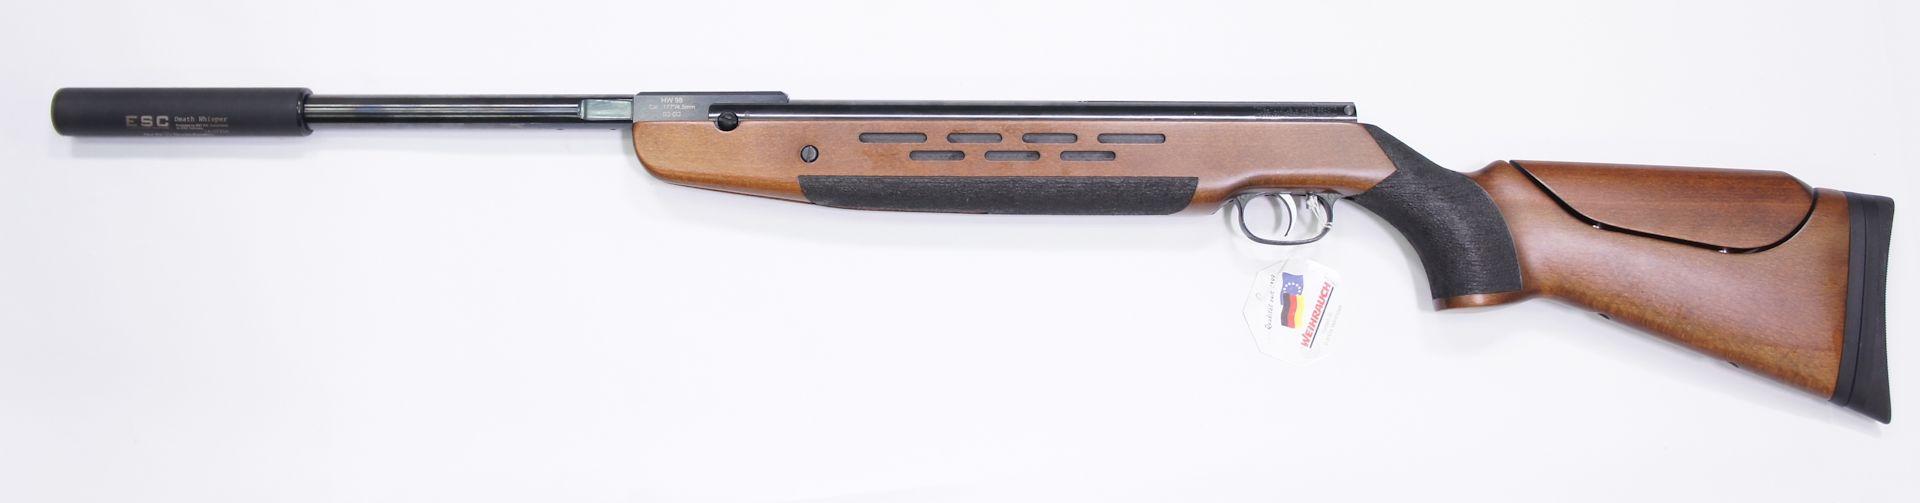 Montagebeispiel Schalldämpfer B&T am Luftgewehr HW 98